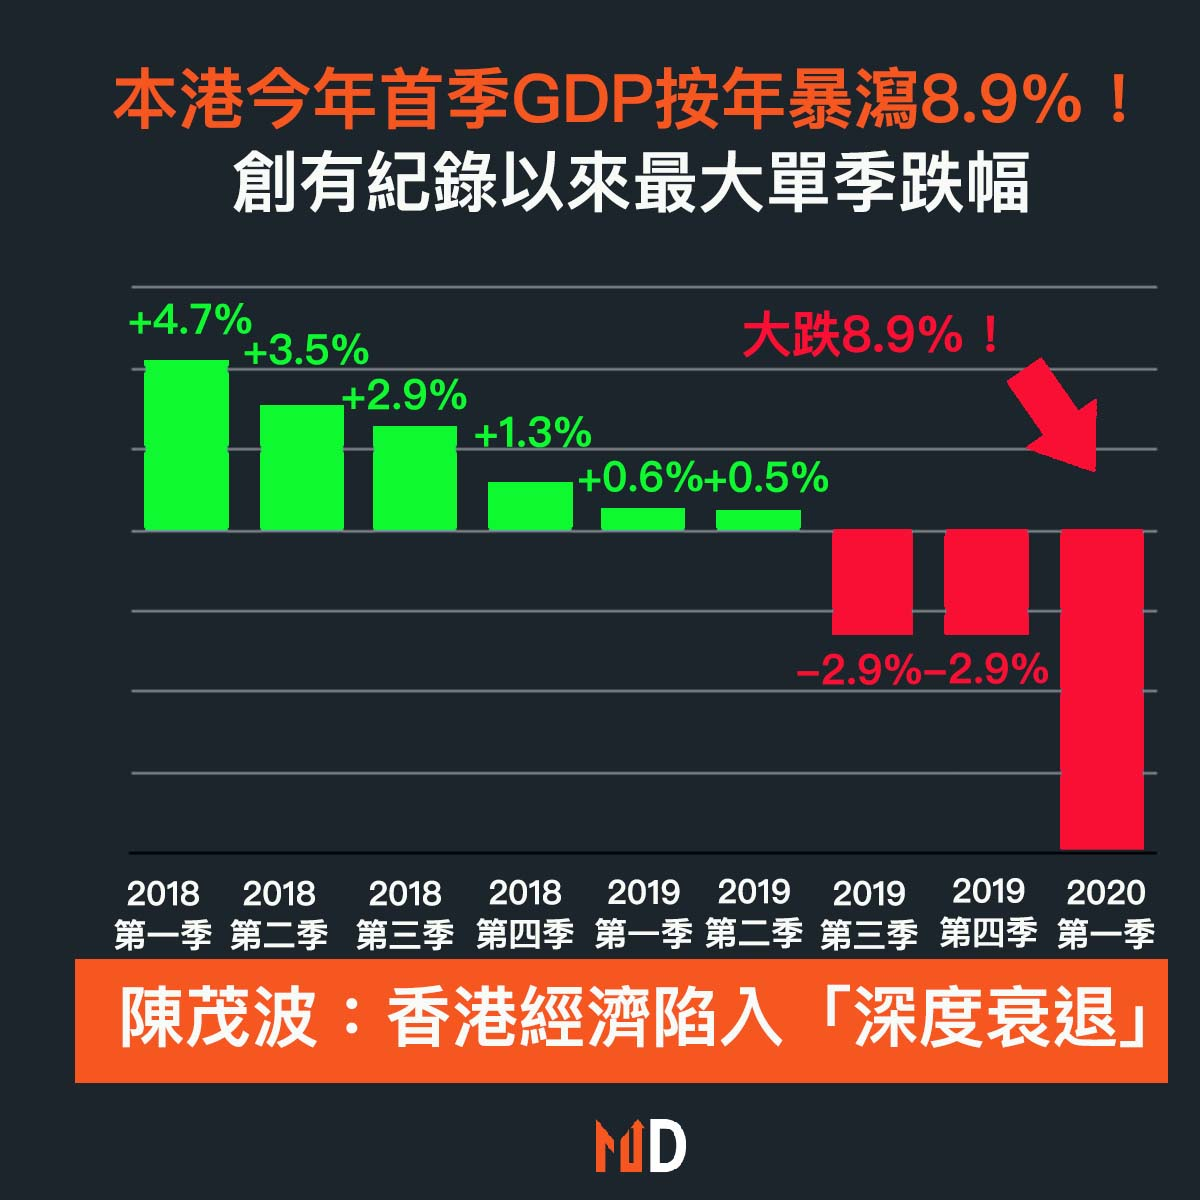 【#市場熱話】本港首季GDP按年勁跌8.9%,自有紀錄以來最大跌幅